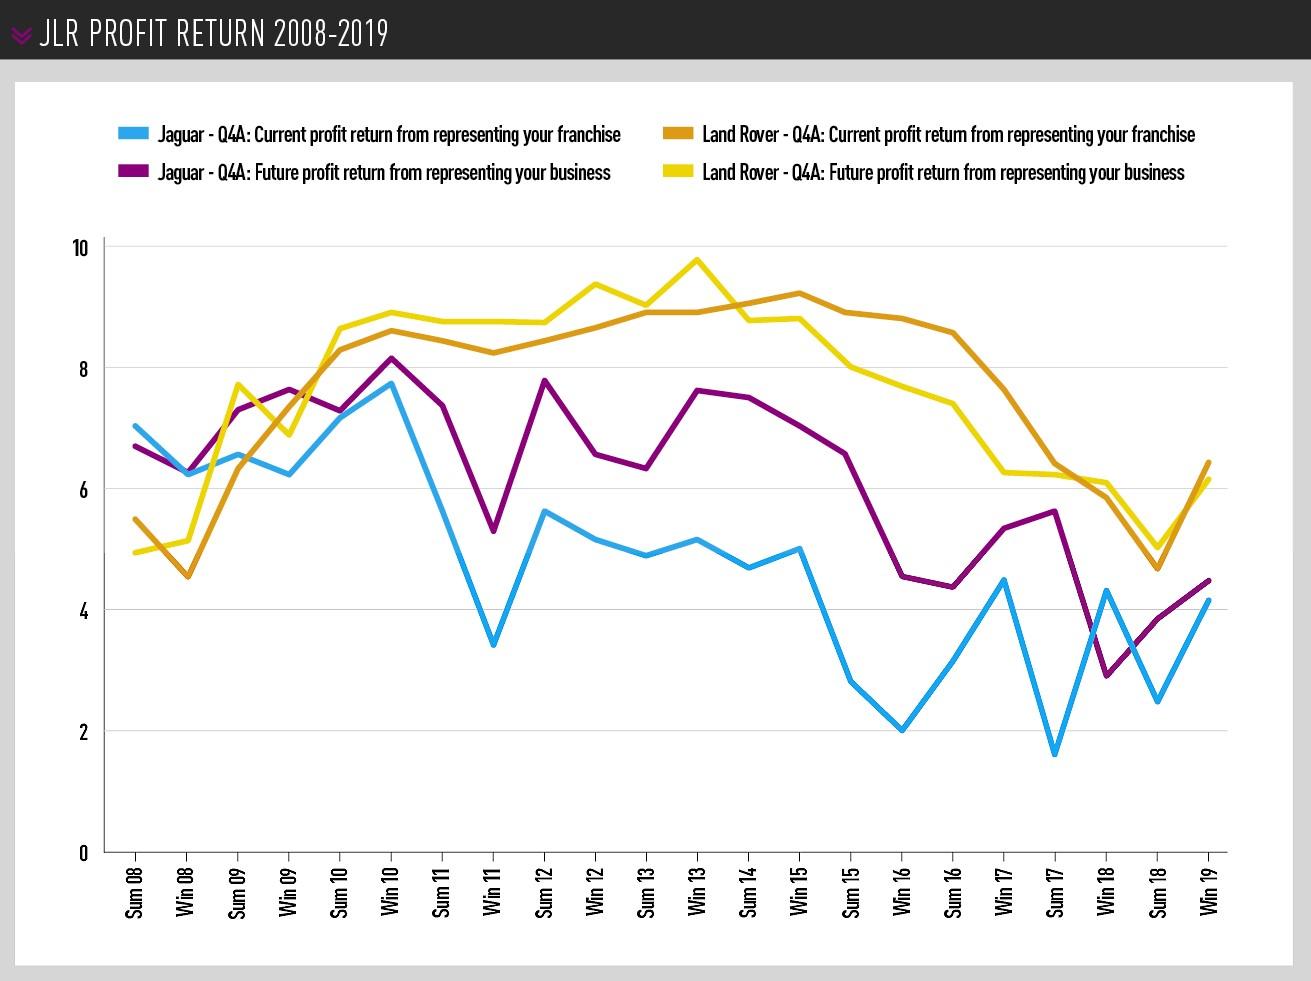 JLR Profit return 2008-2019